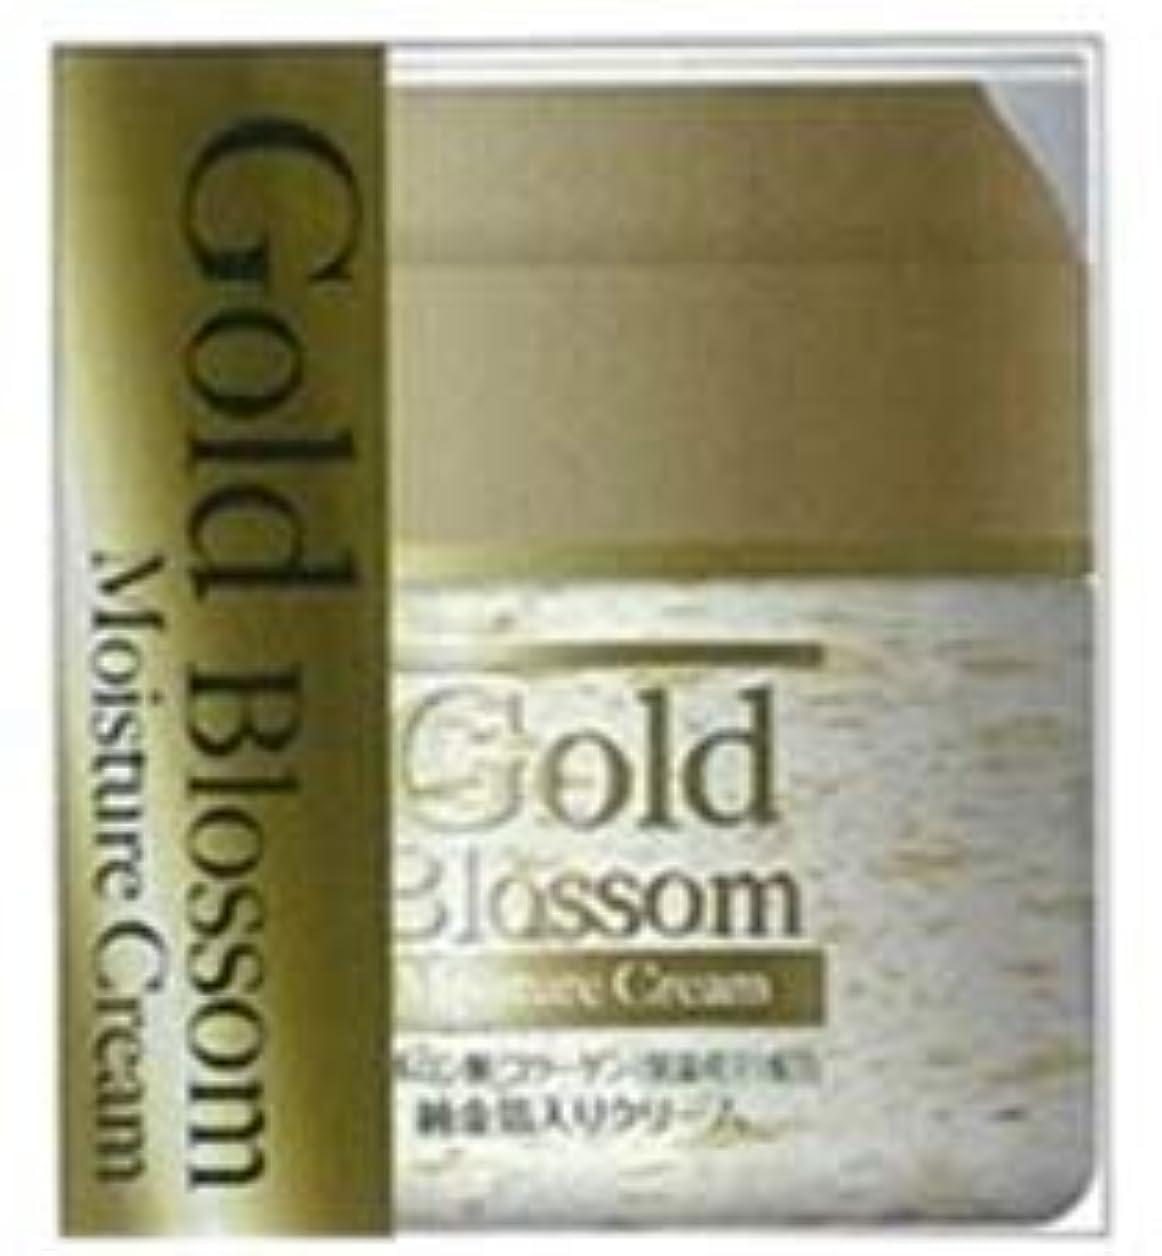 許される開拓者運命Gold Blossom 保湿クリーム